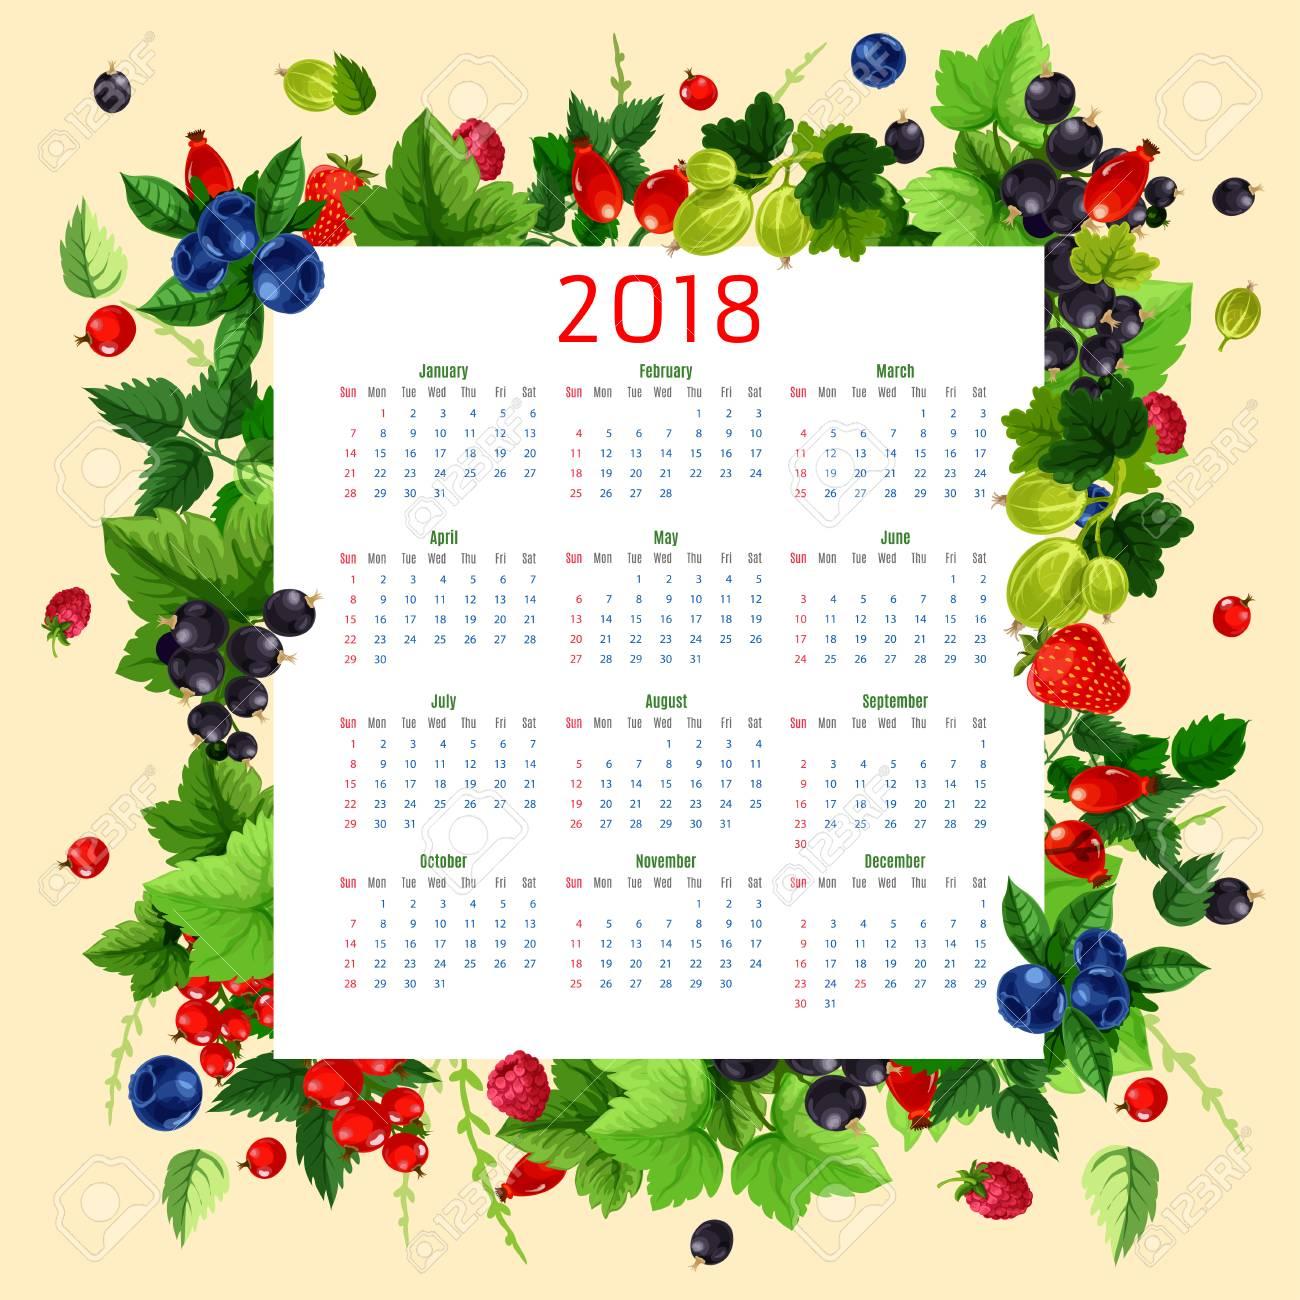 Beeren-Kalender Für 2018. Vektor-Design-Vorlage Mit Beeren Rahmen ...